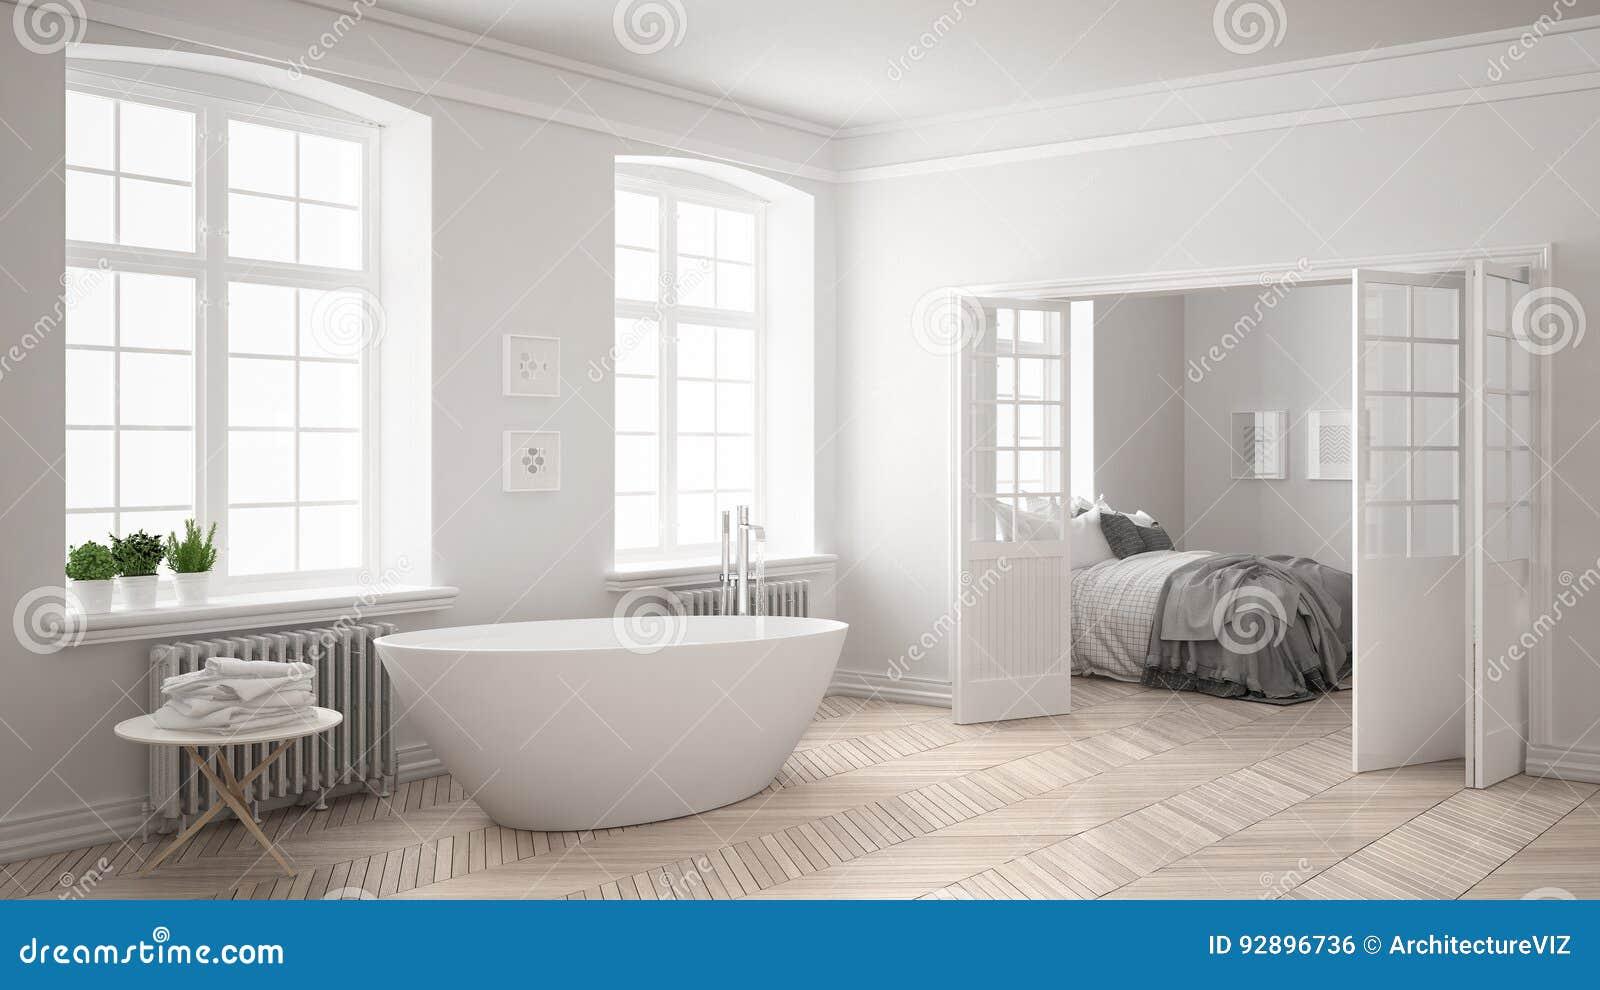 Unbedeutendes Skandinavisches Weißes Badezimmer Mit Schlafzimmer Im Backg